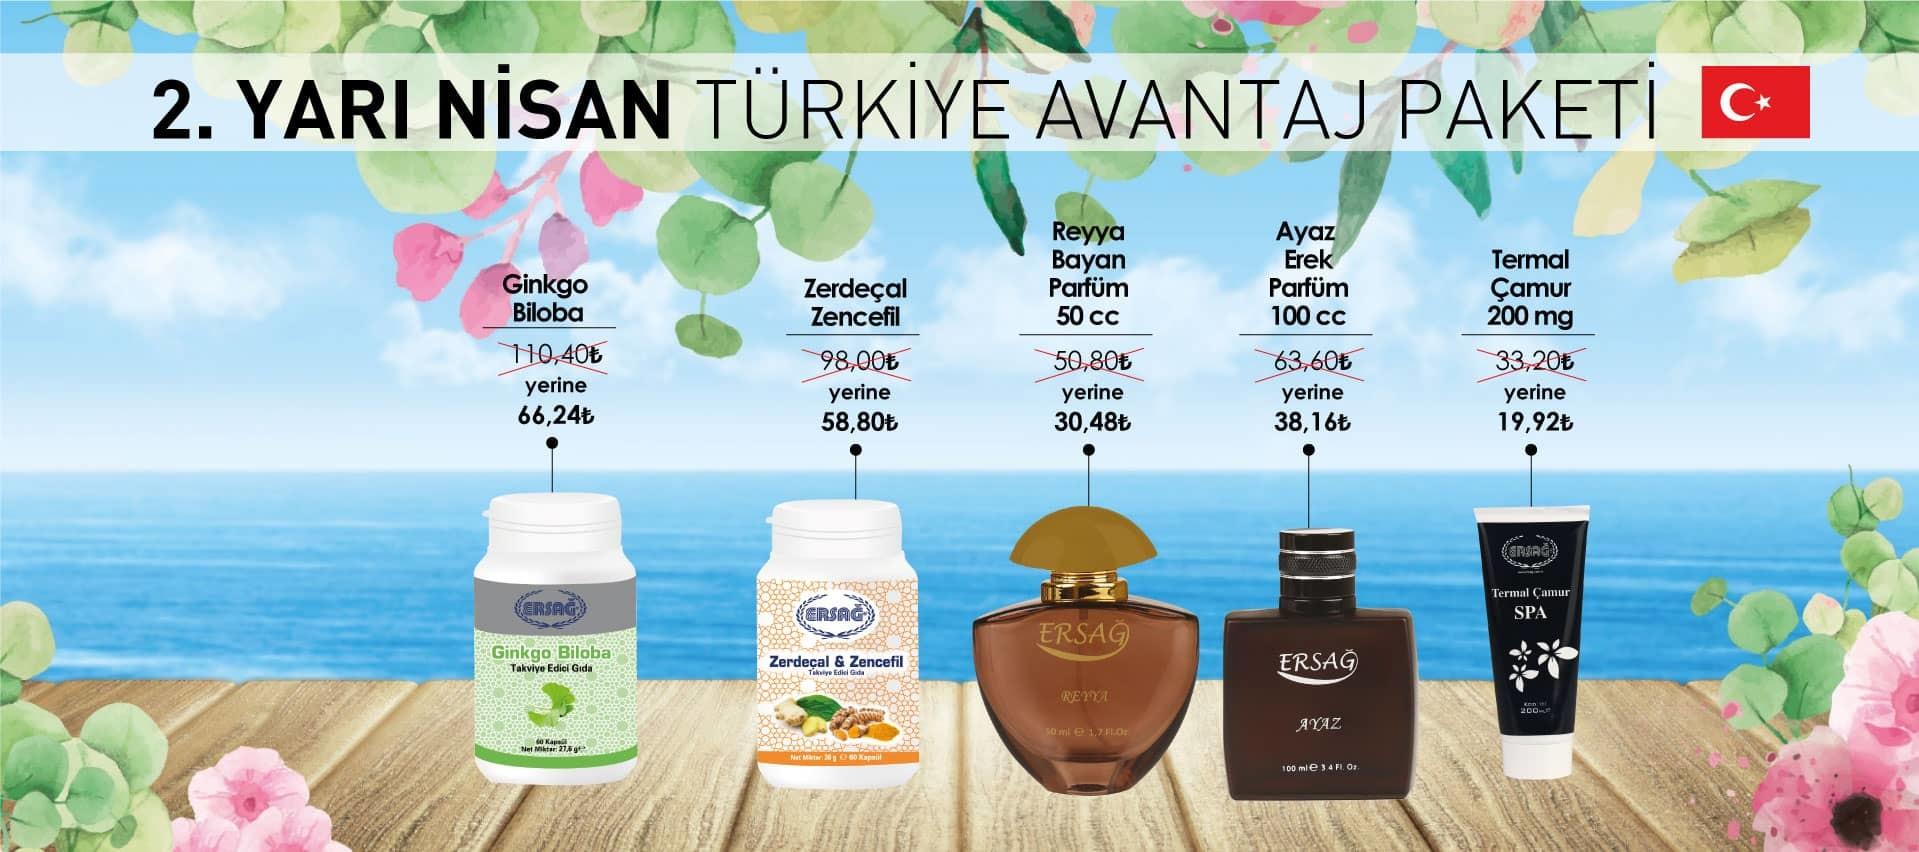 Ersağ Türkiye Nisan 2. Yarı Avantaj Paketi